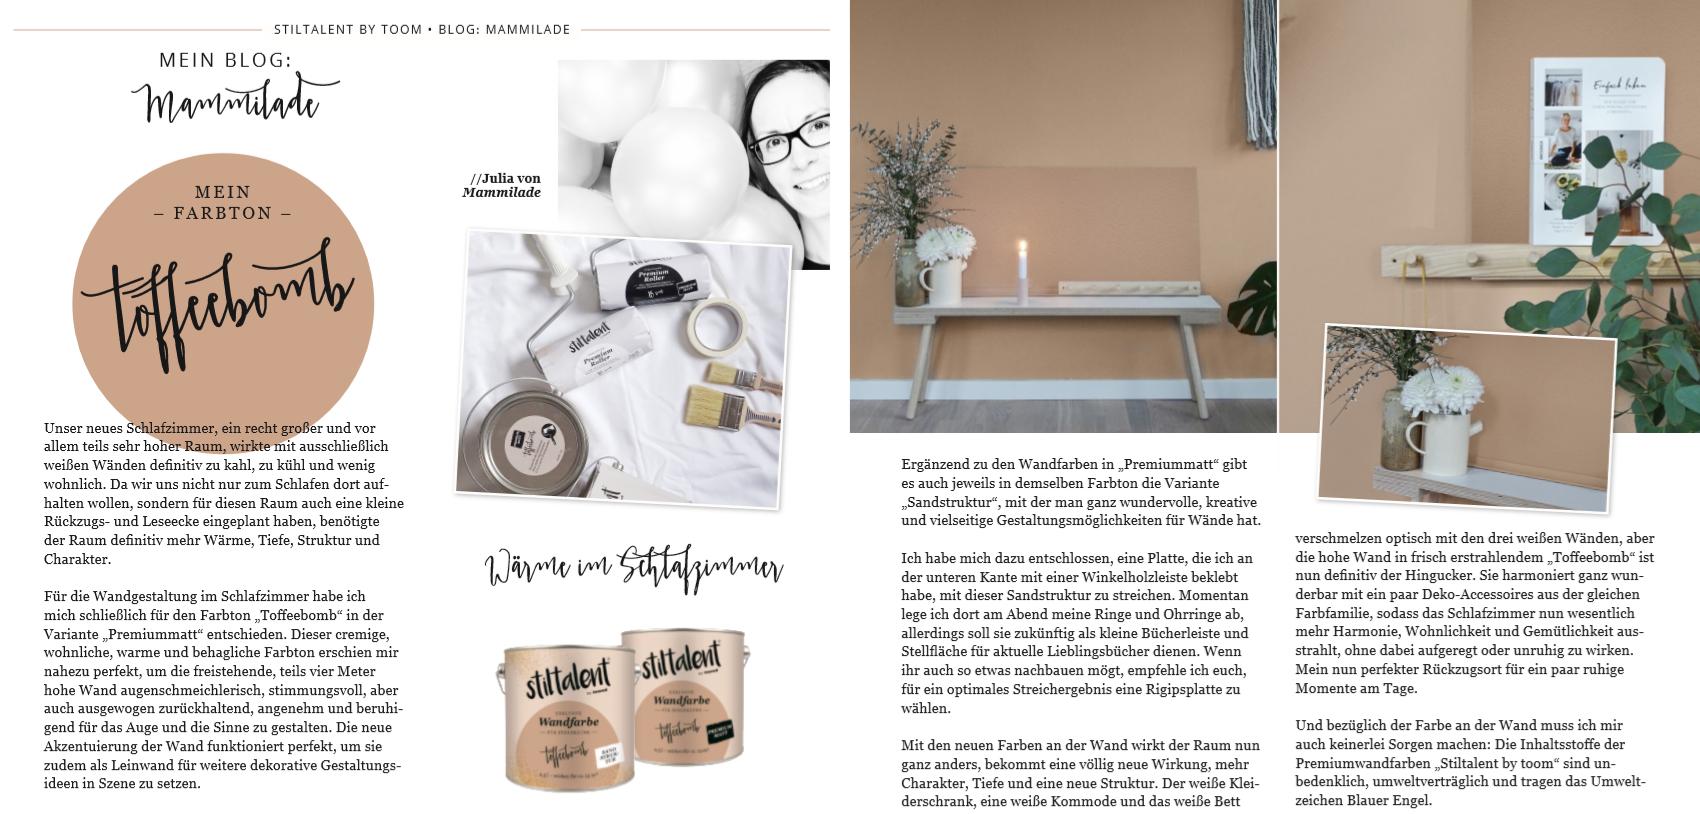 Toffee-Farbton für die Wand | Gemütlichkeit im Schlafzimmer | DIY-Ablageboard für die Wand | mammilade.com